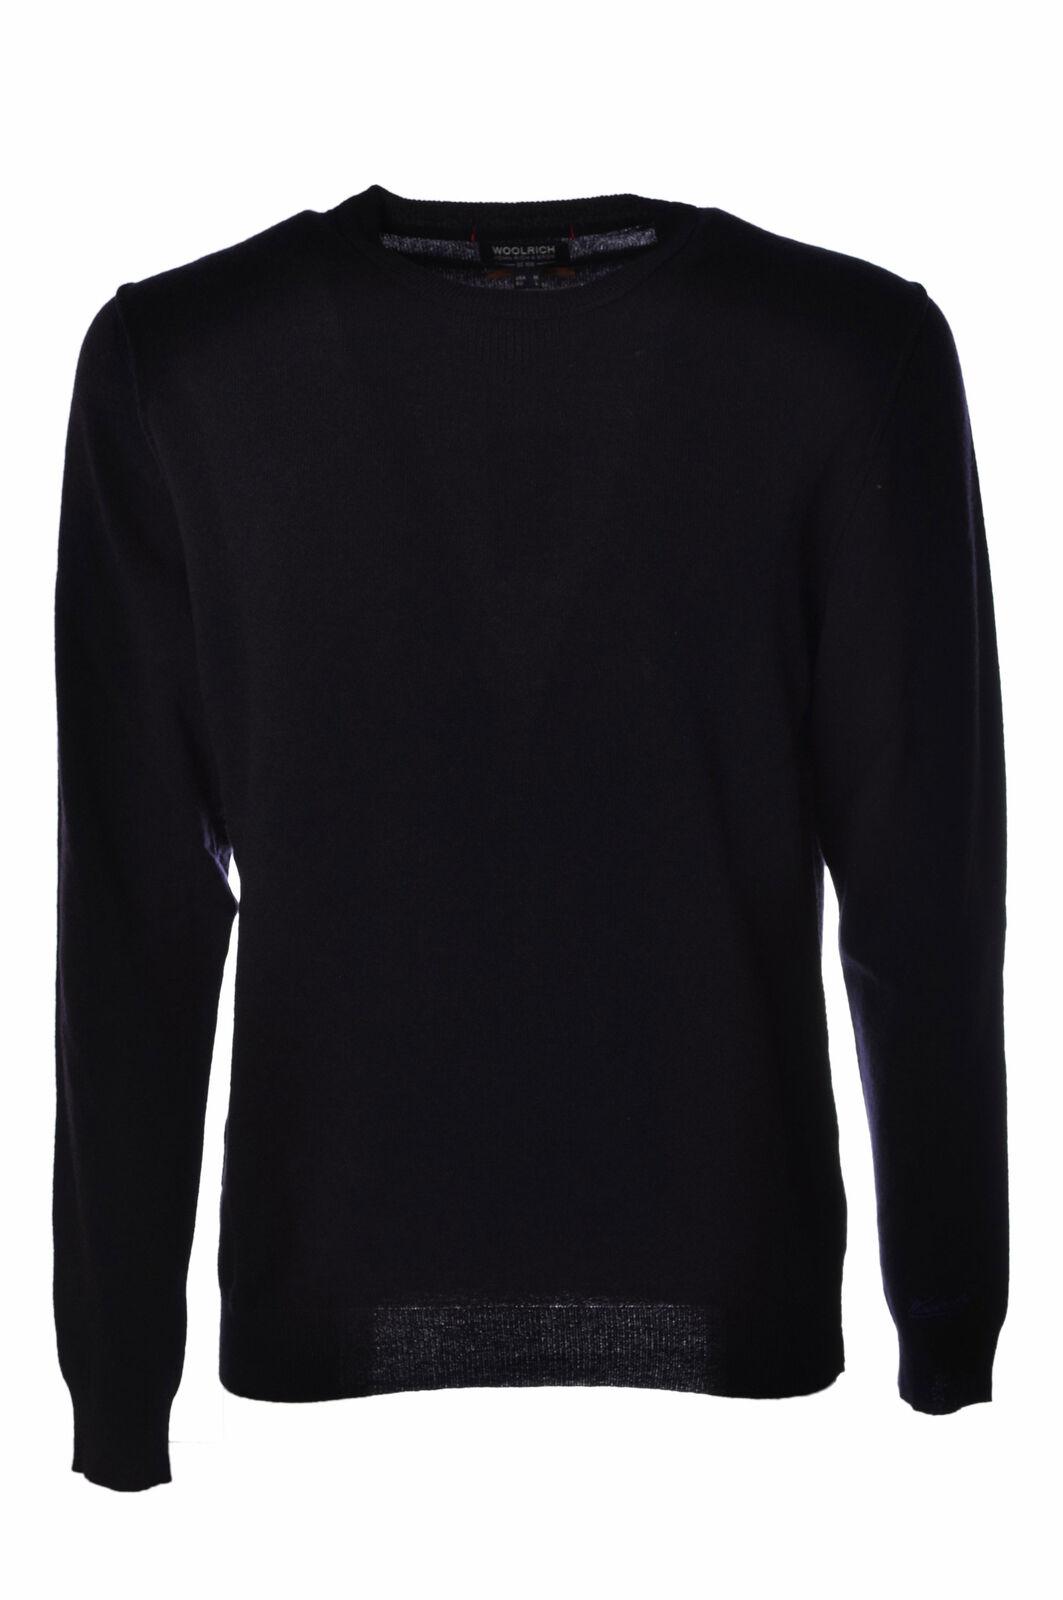 Woolrich  -  Sweaters - Male - Blau - 2637428N174200